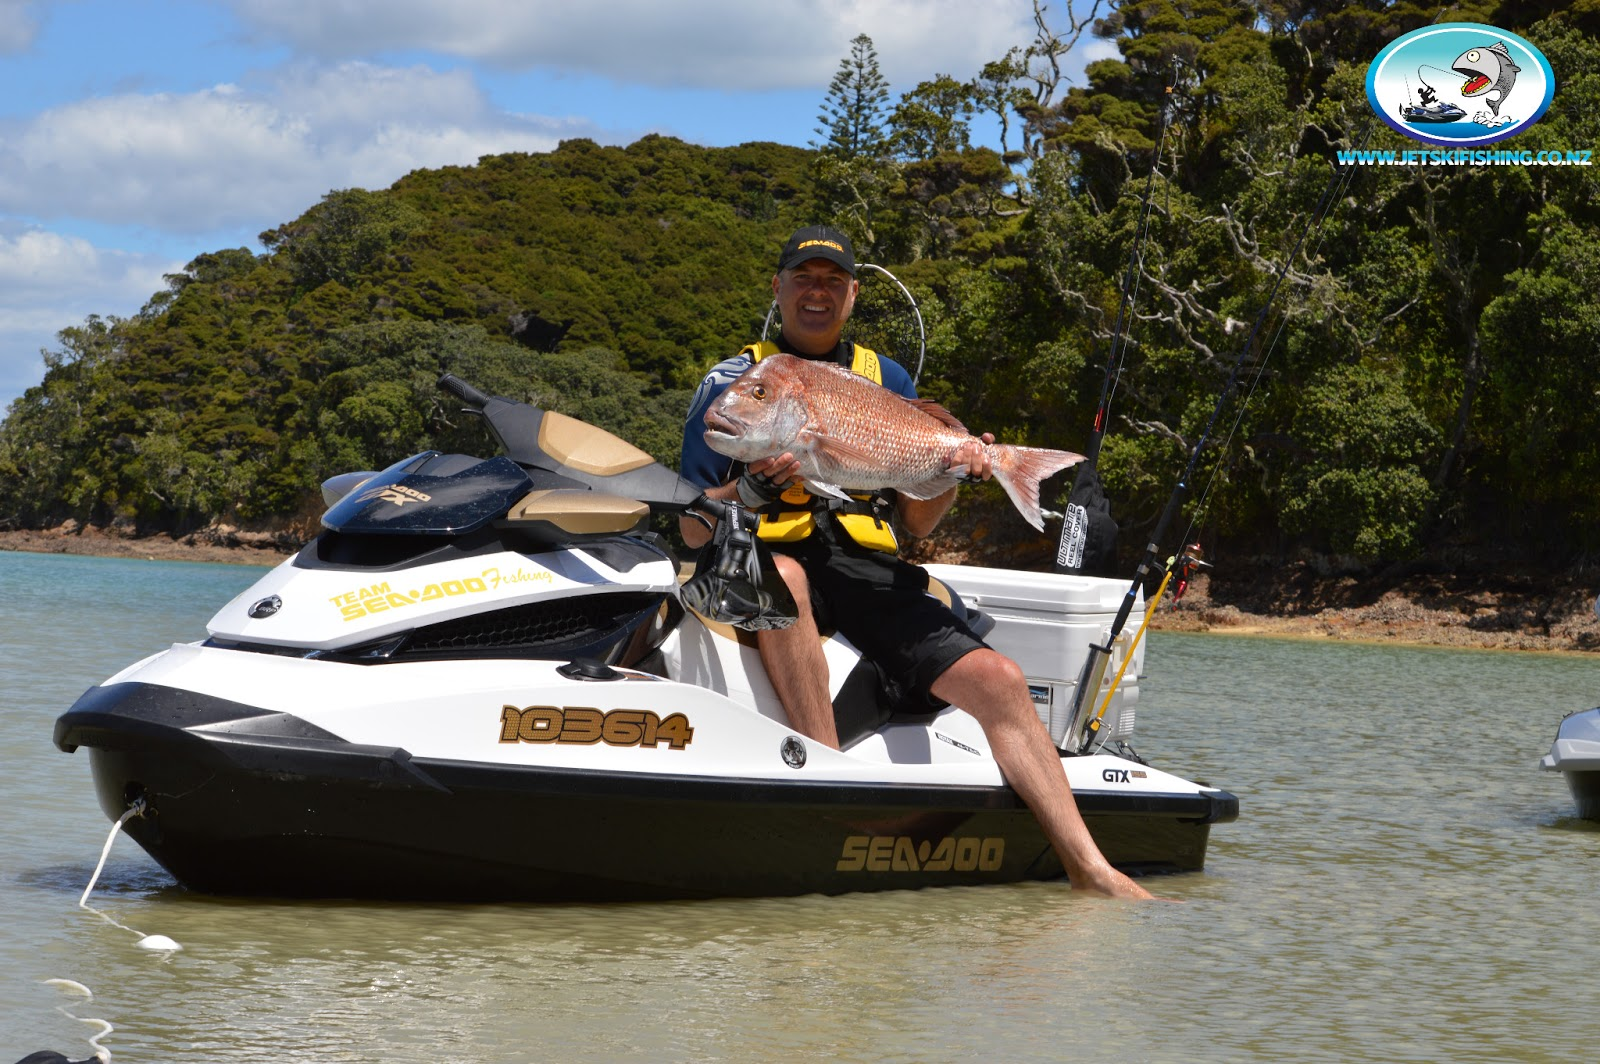 Jet ski fishing blog february 2013 for Fishing jet ski